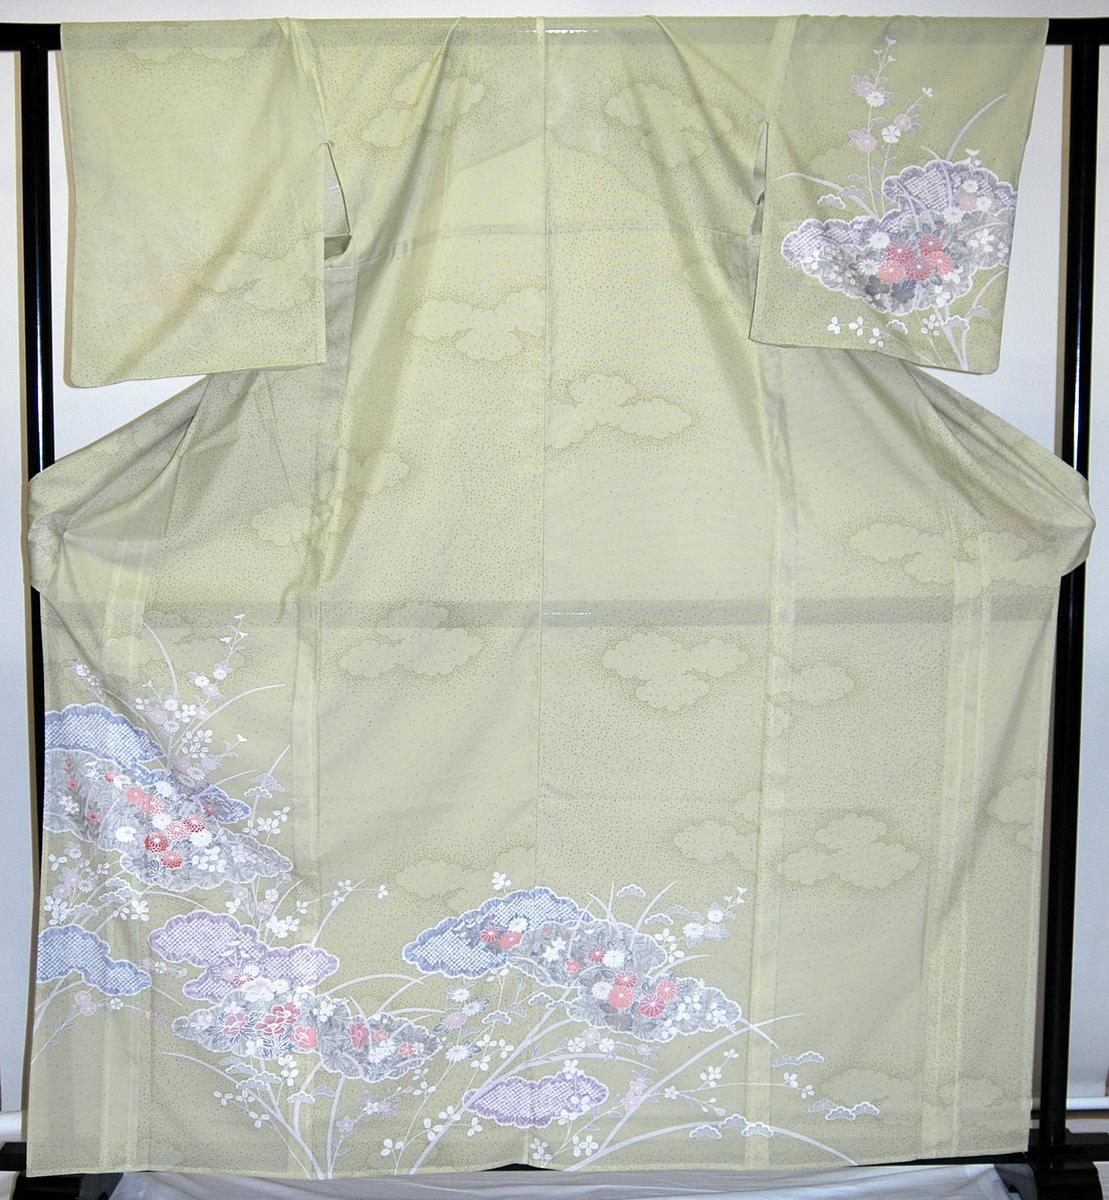 【レンタル】【貸衣裳】 RH580 絽単衣・淡いグリーン 訪問着 【かしいしょう】 送料無料【smtb-k】